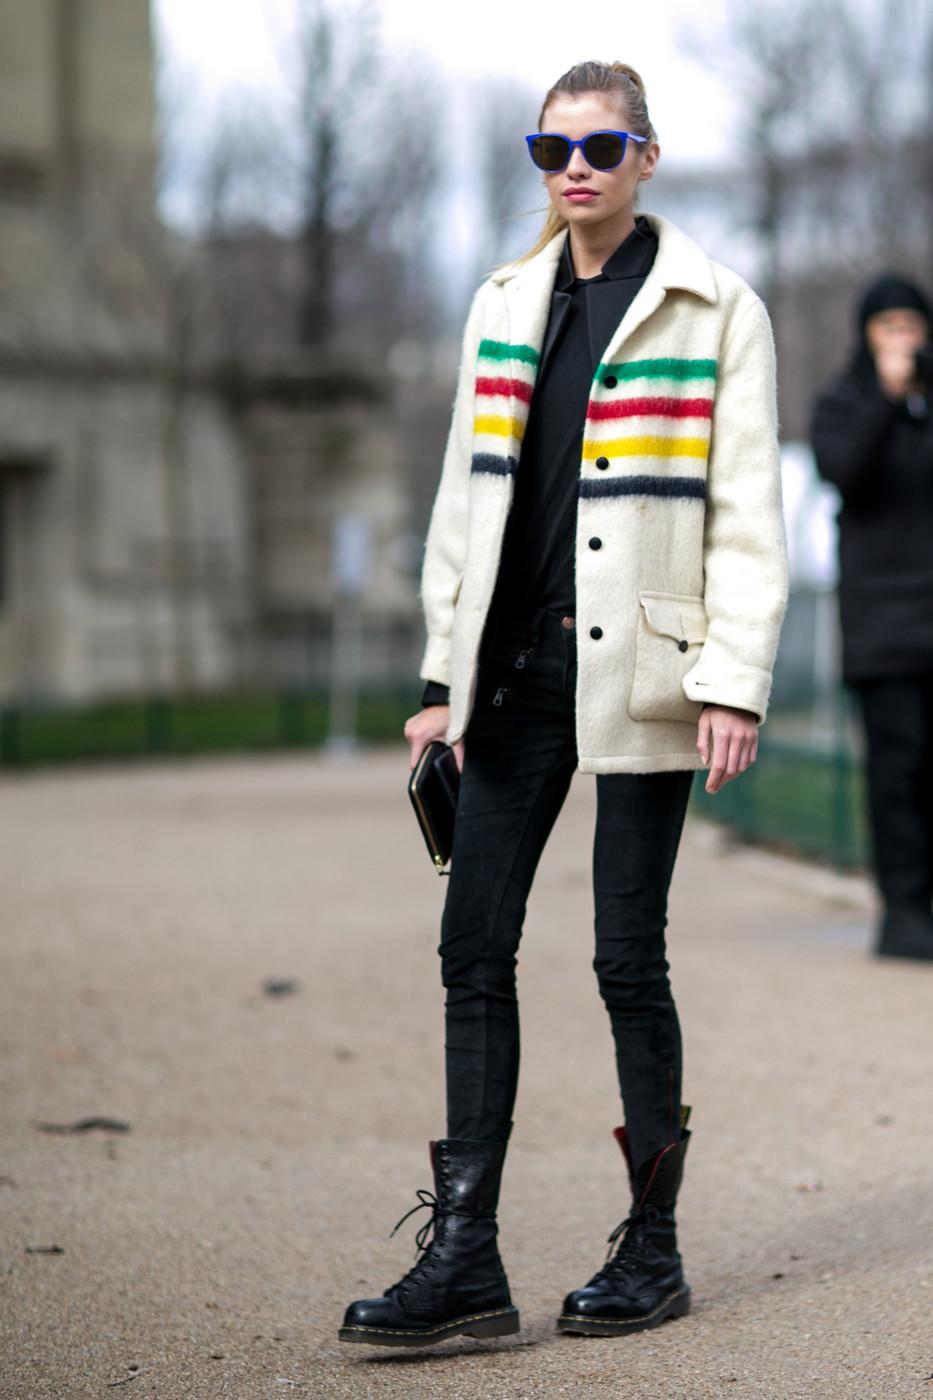 Street Style: Stella Maxwell's Fun-Loving Look